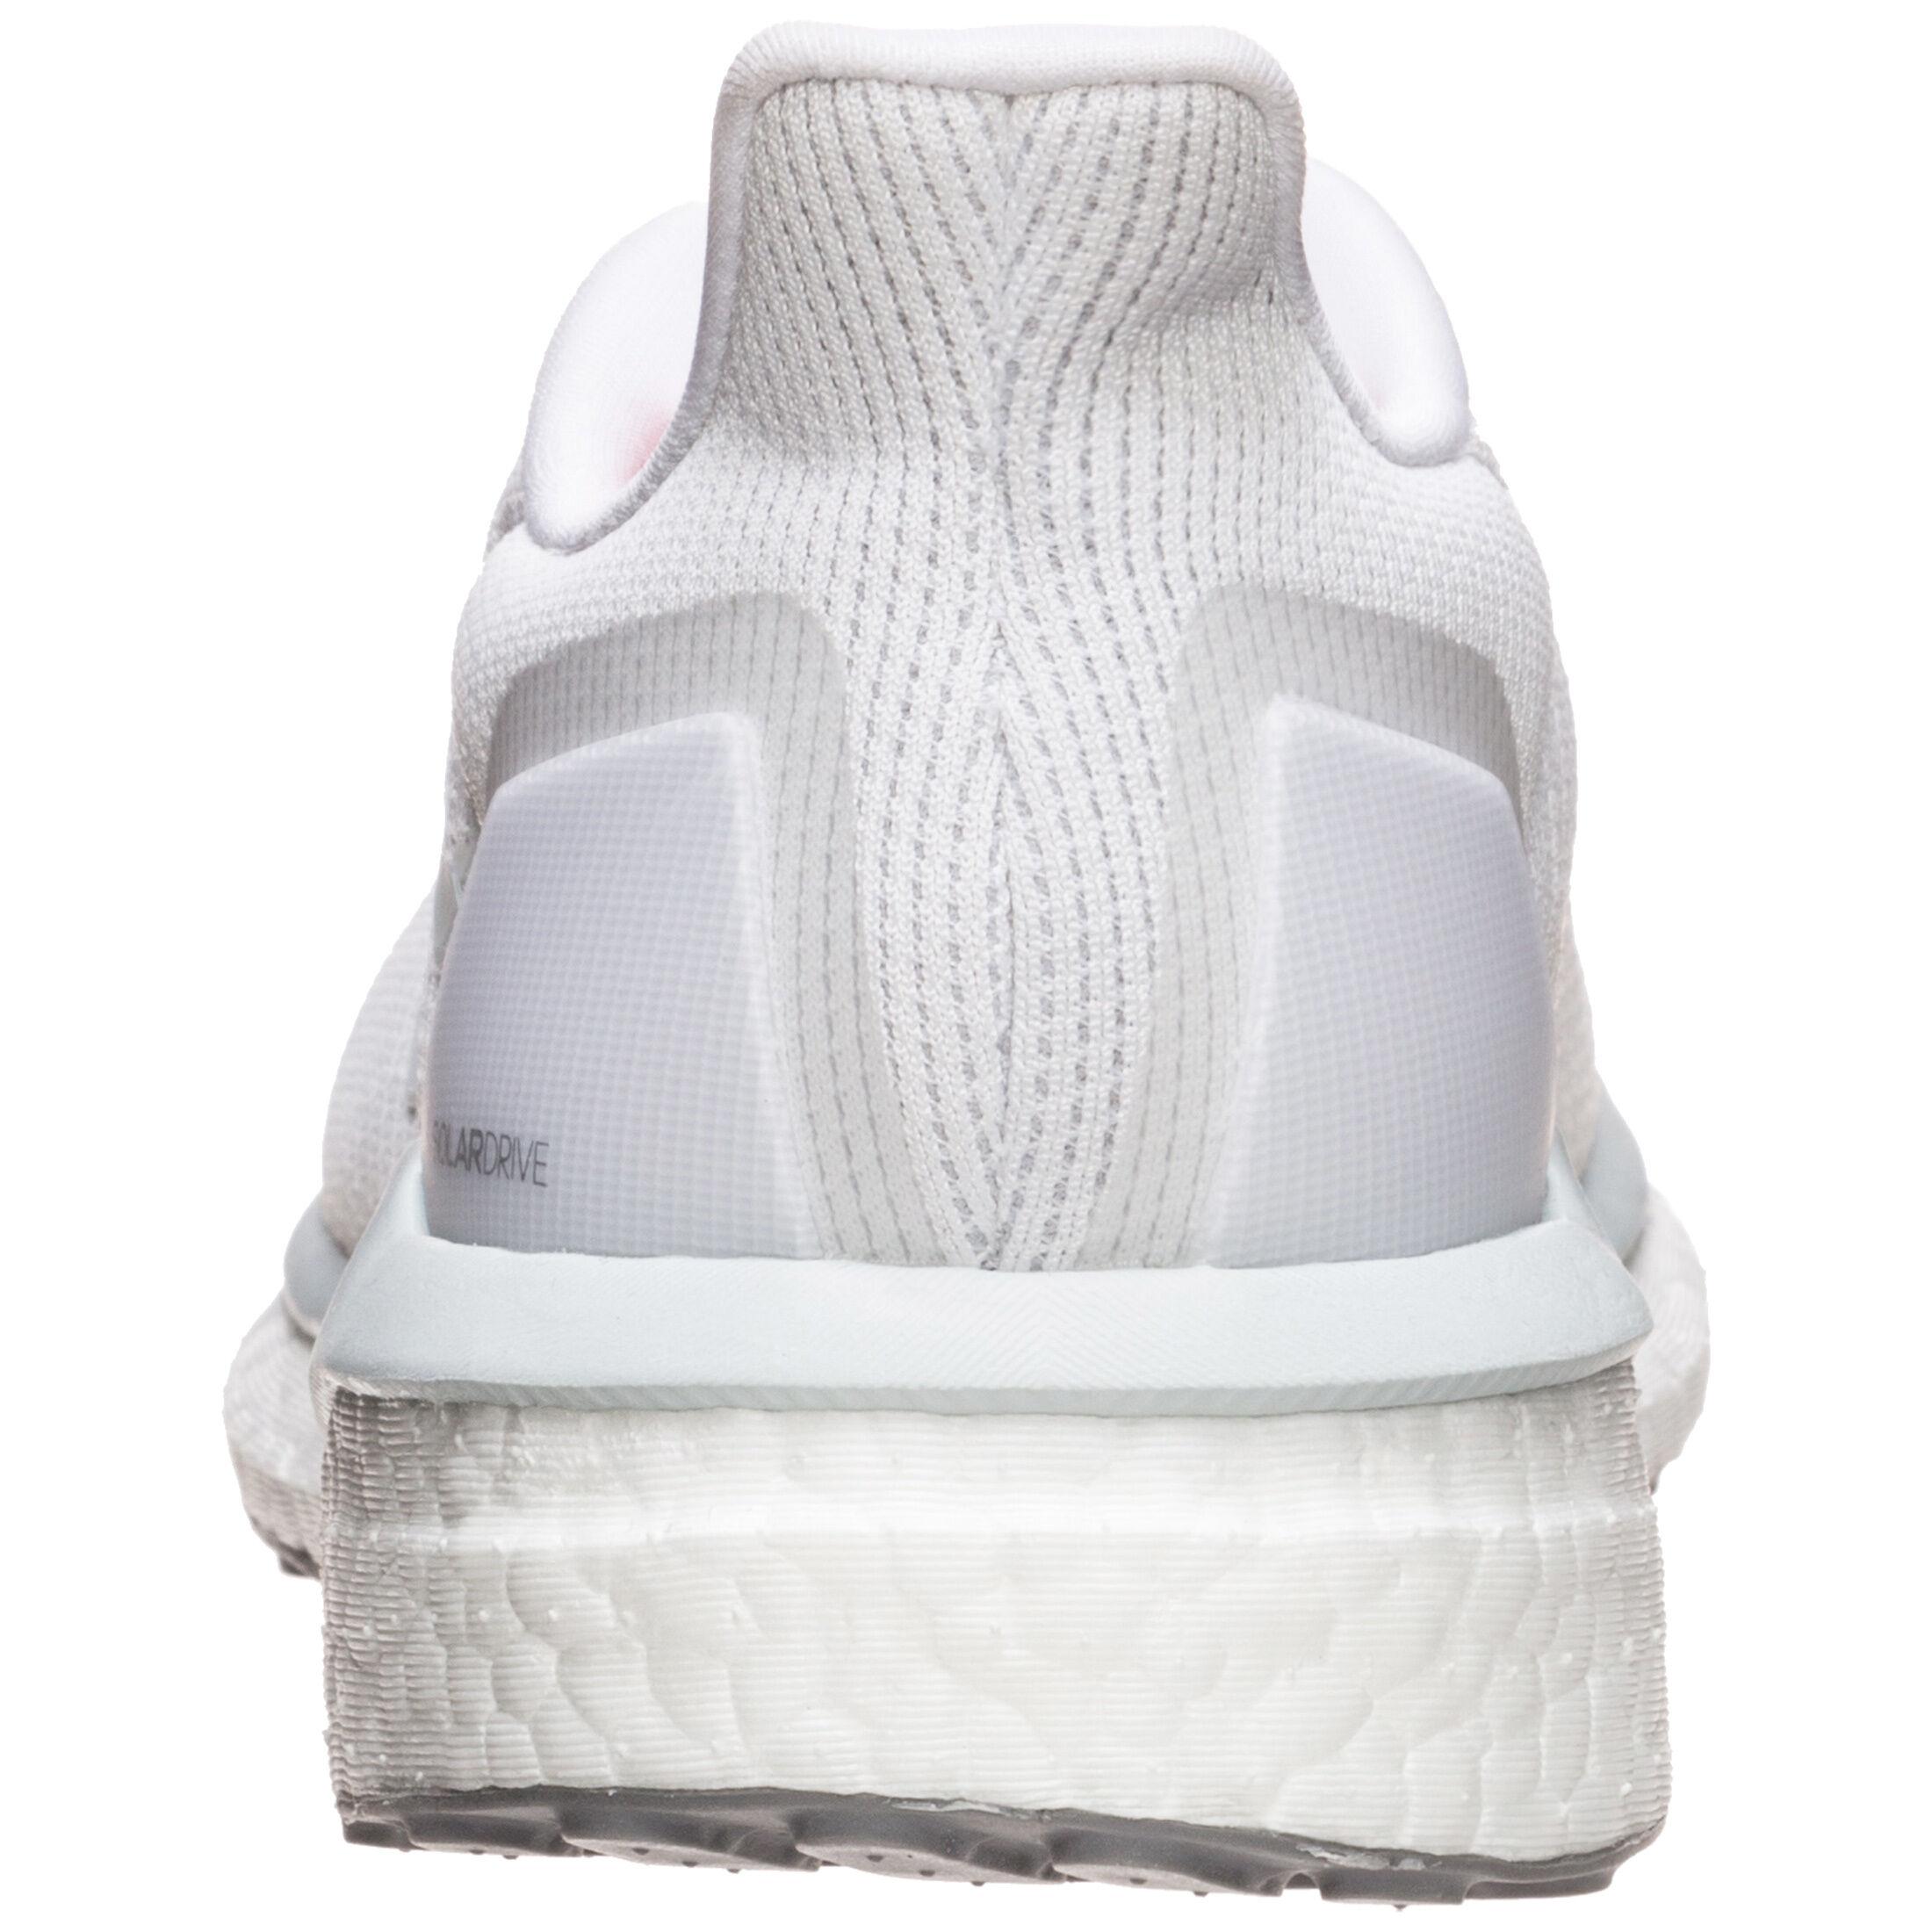 Solar Adidas Bei Damen Outfitter Performance Laufschuh 19 Drive OkPZXTui